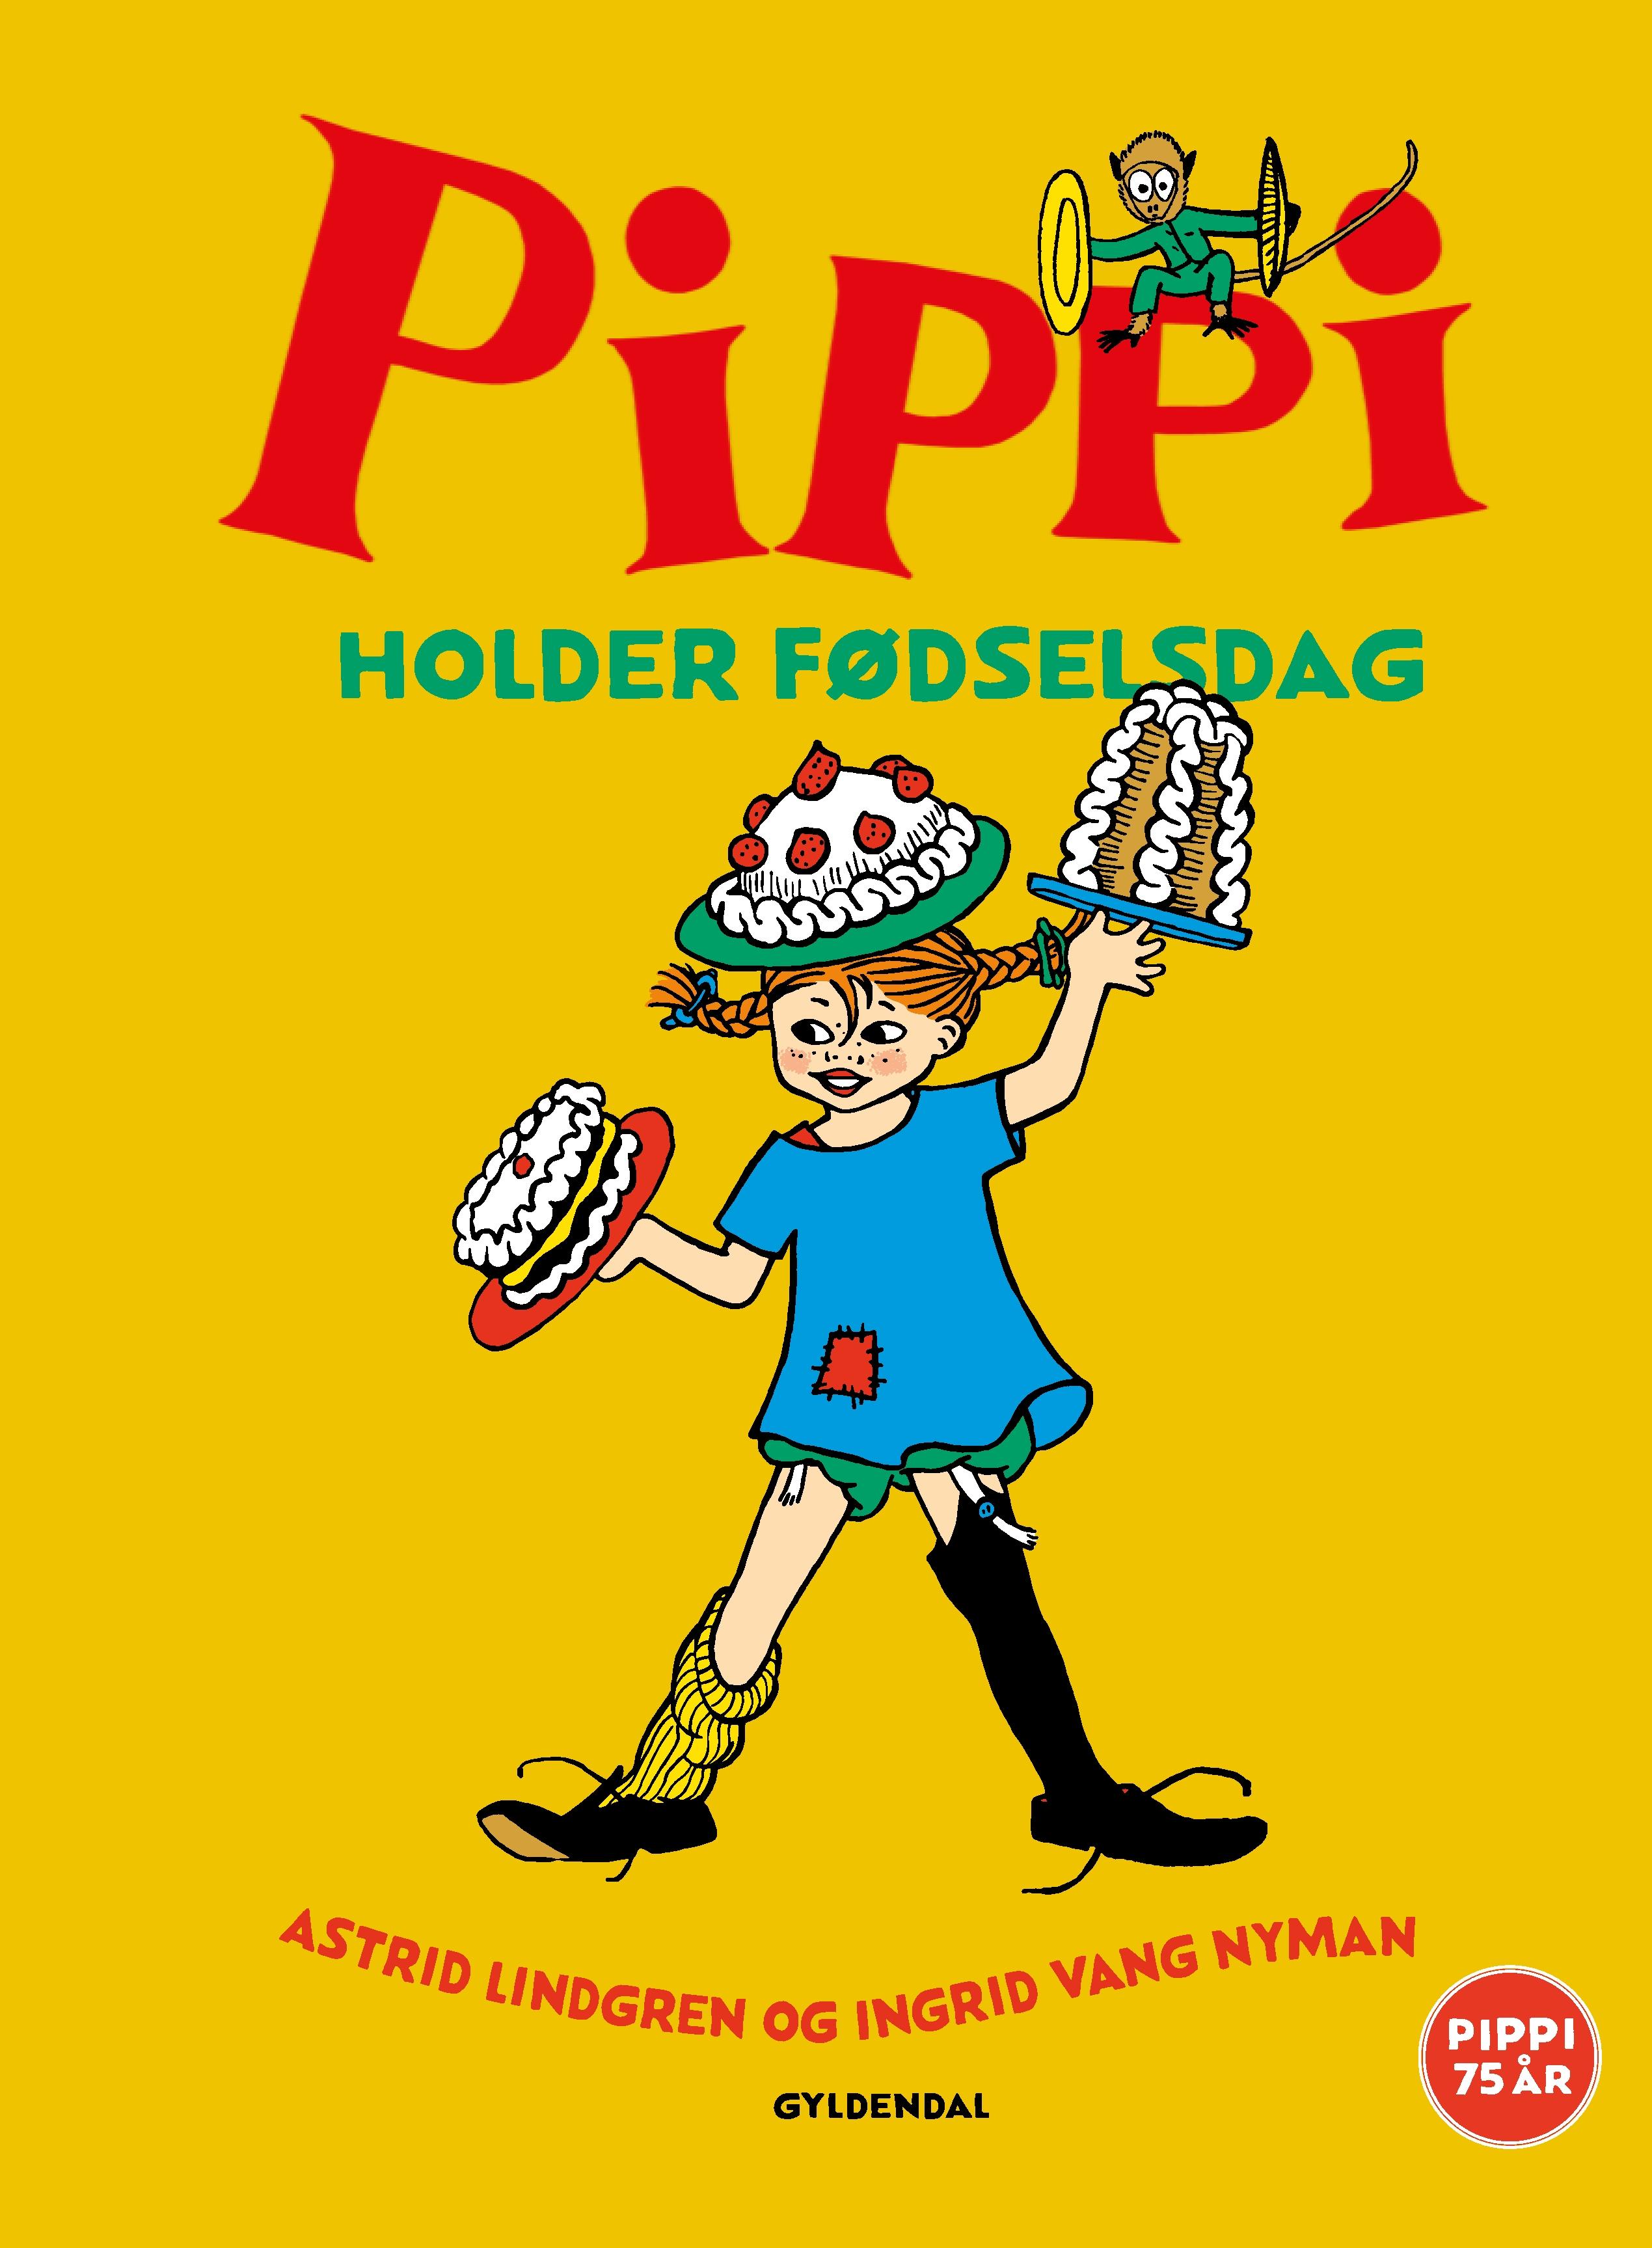 Pippi Langstrømpe - Billedbøger: Pippi holder fødselsdag - Astrid Lindgren - Bøger - Gyldendal - 9788702296631 - 14. mai 2020